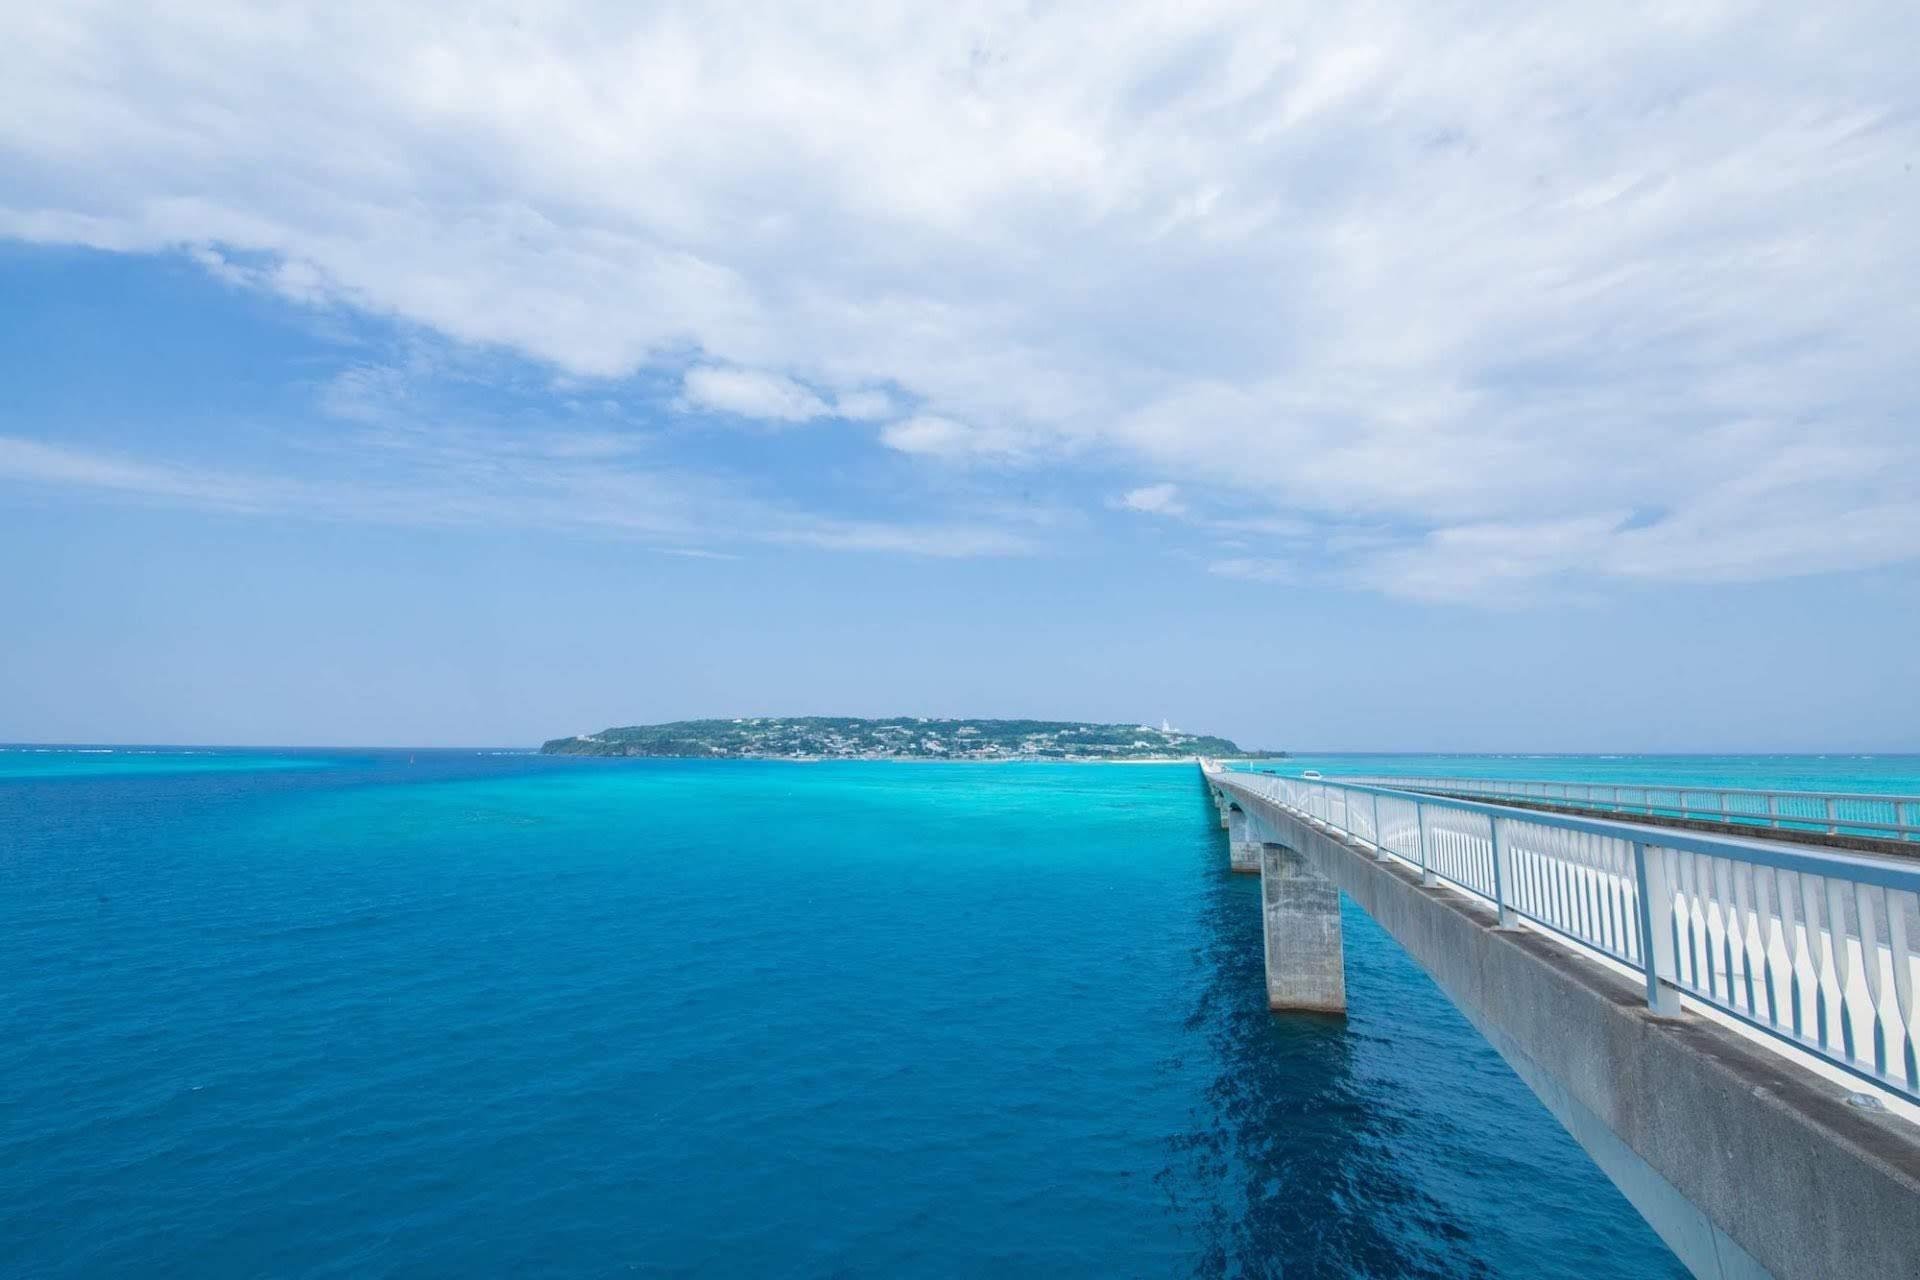 古宇利島 離島 夏 9月 10月 値下げ 安い 安く 沖縄 旅行 お得 安価